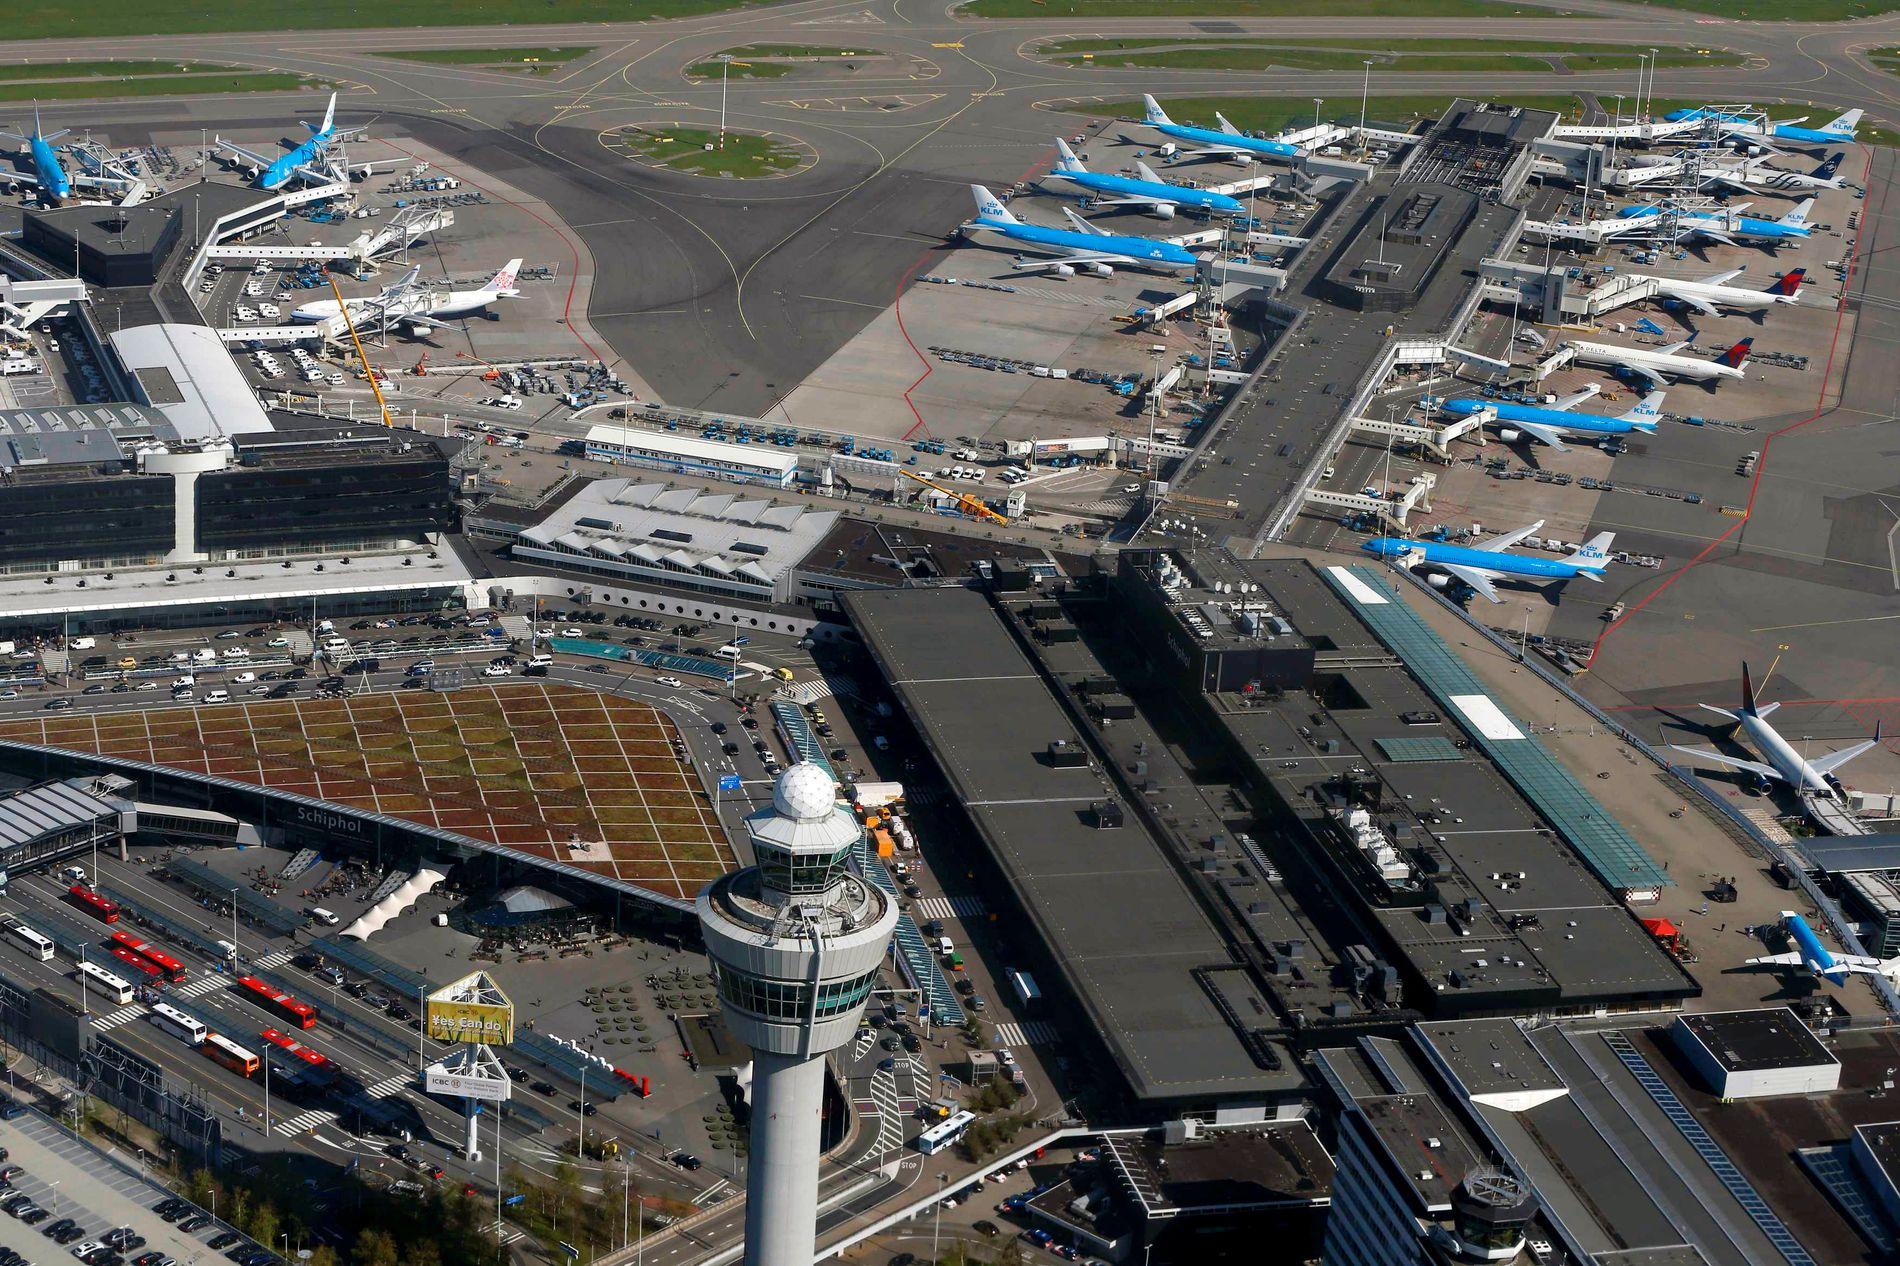 SENDT TILBAKE HIT: Påtalemyndigheten skriver at kvinnen etter hendelsen ble sendt tilbake til Schiphol flyplass i Nederland.